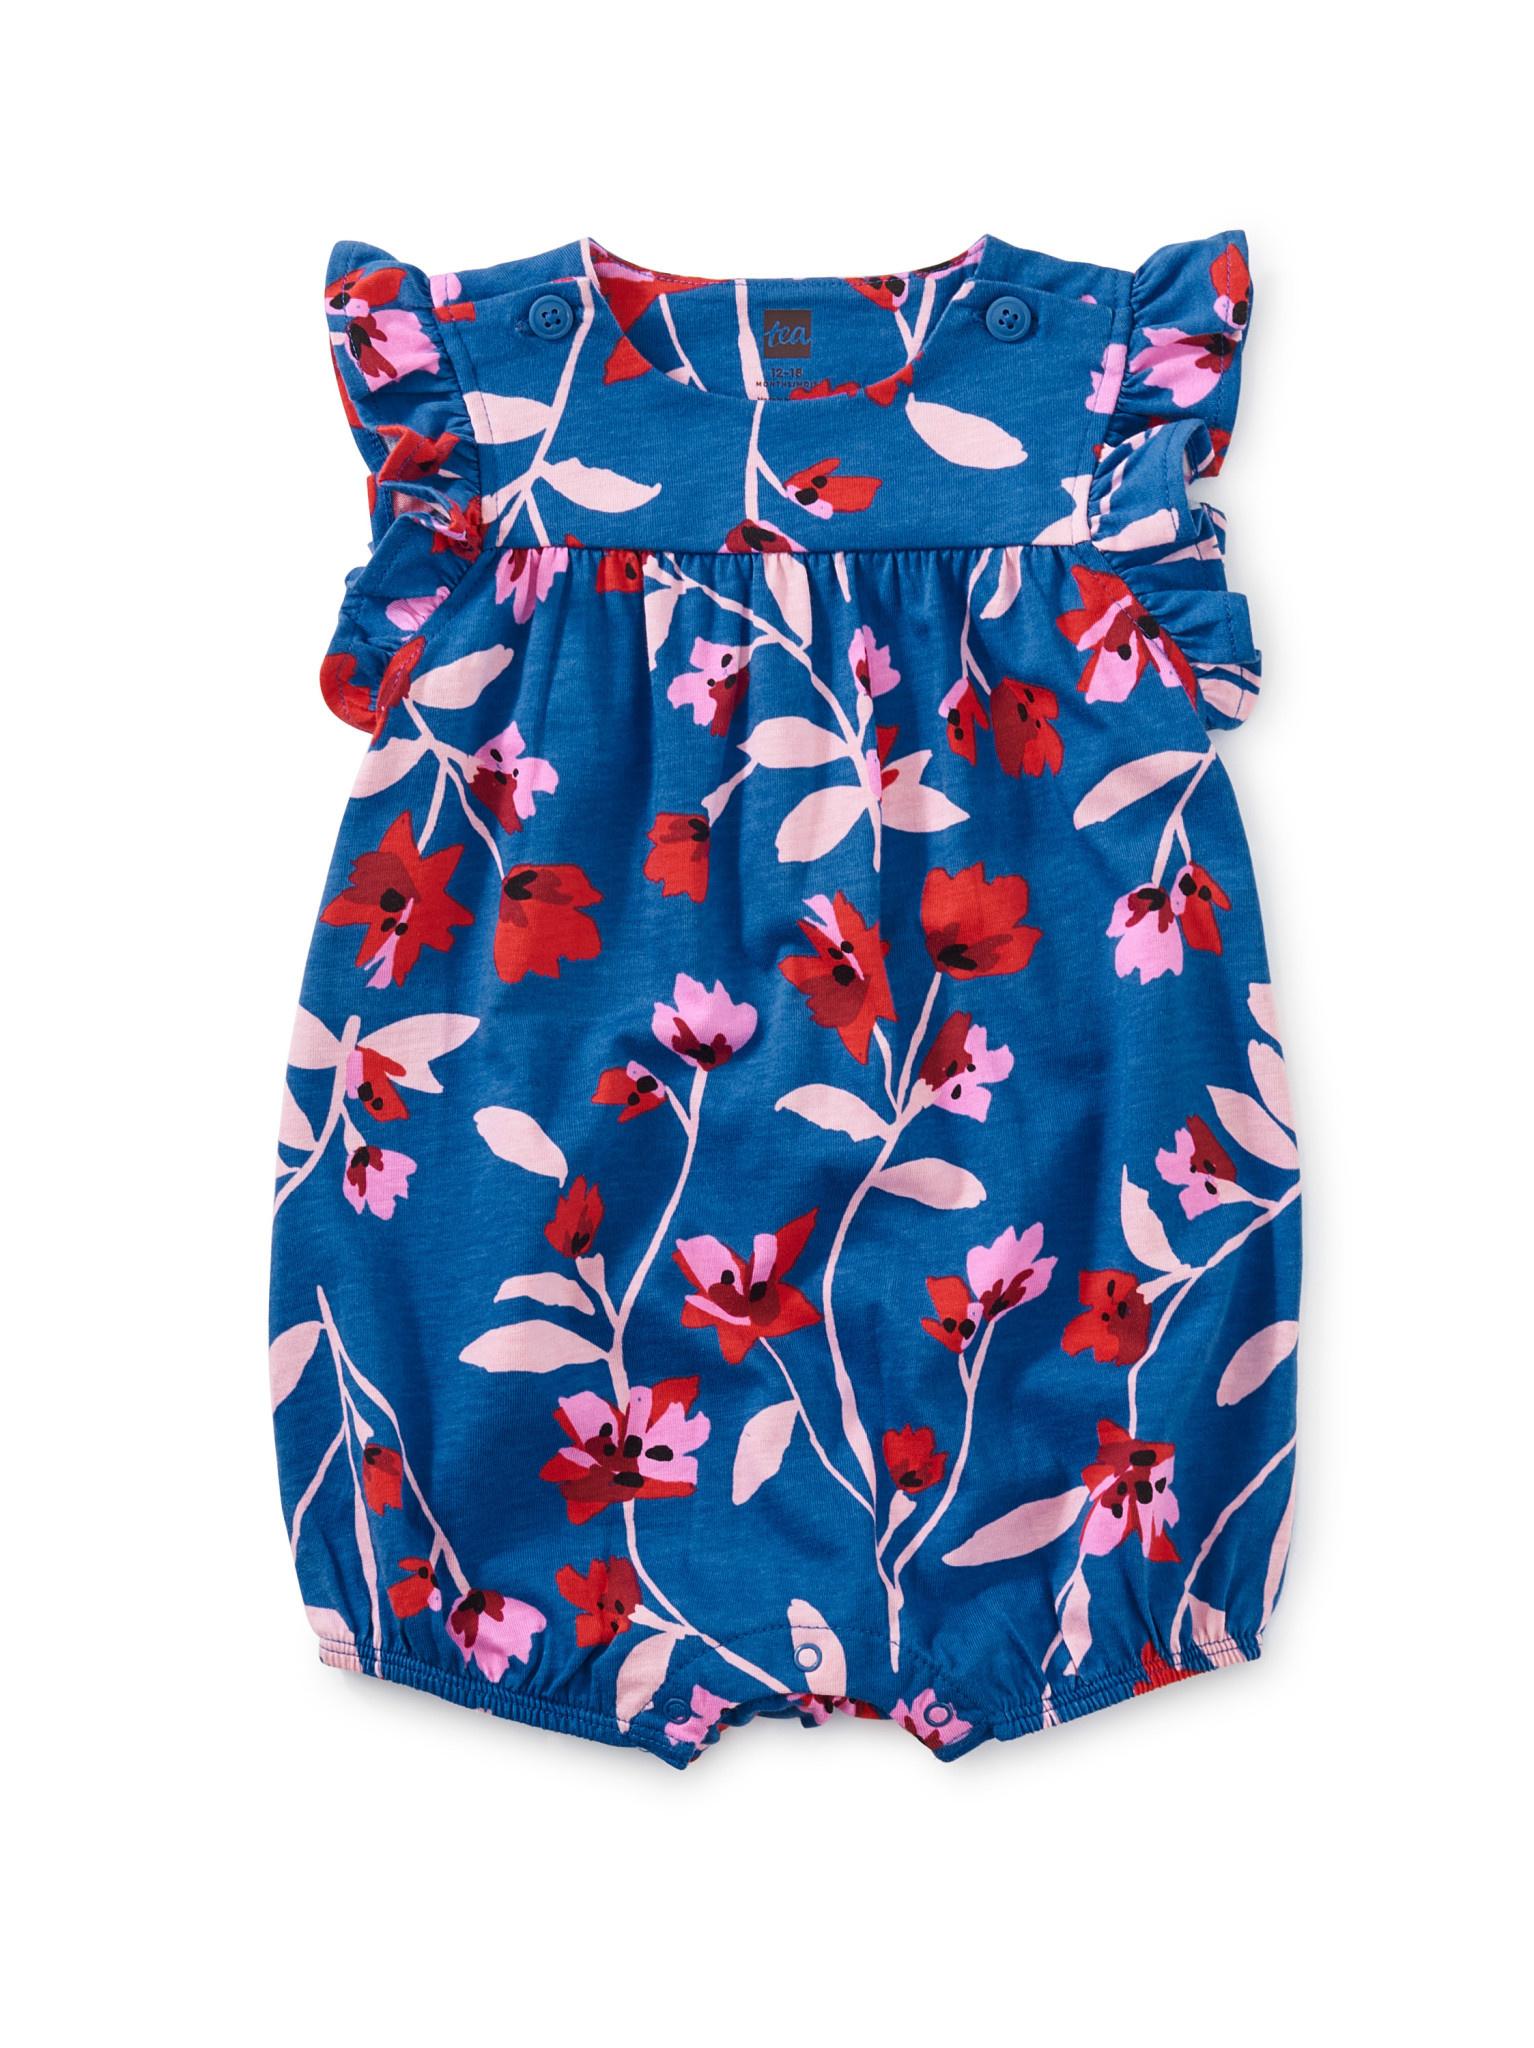 Tea Collection Floral Breeze Flutter Button Romper